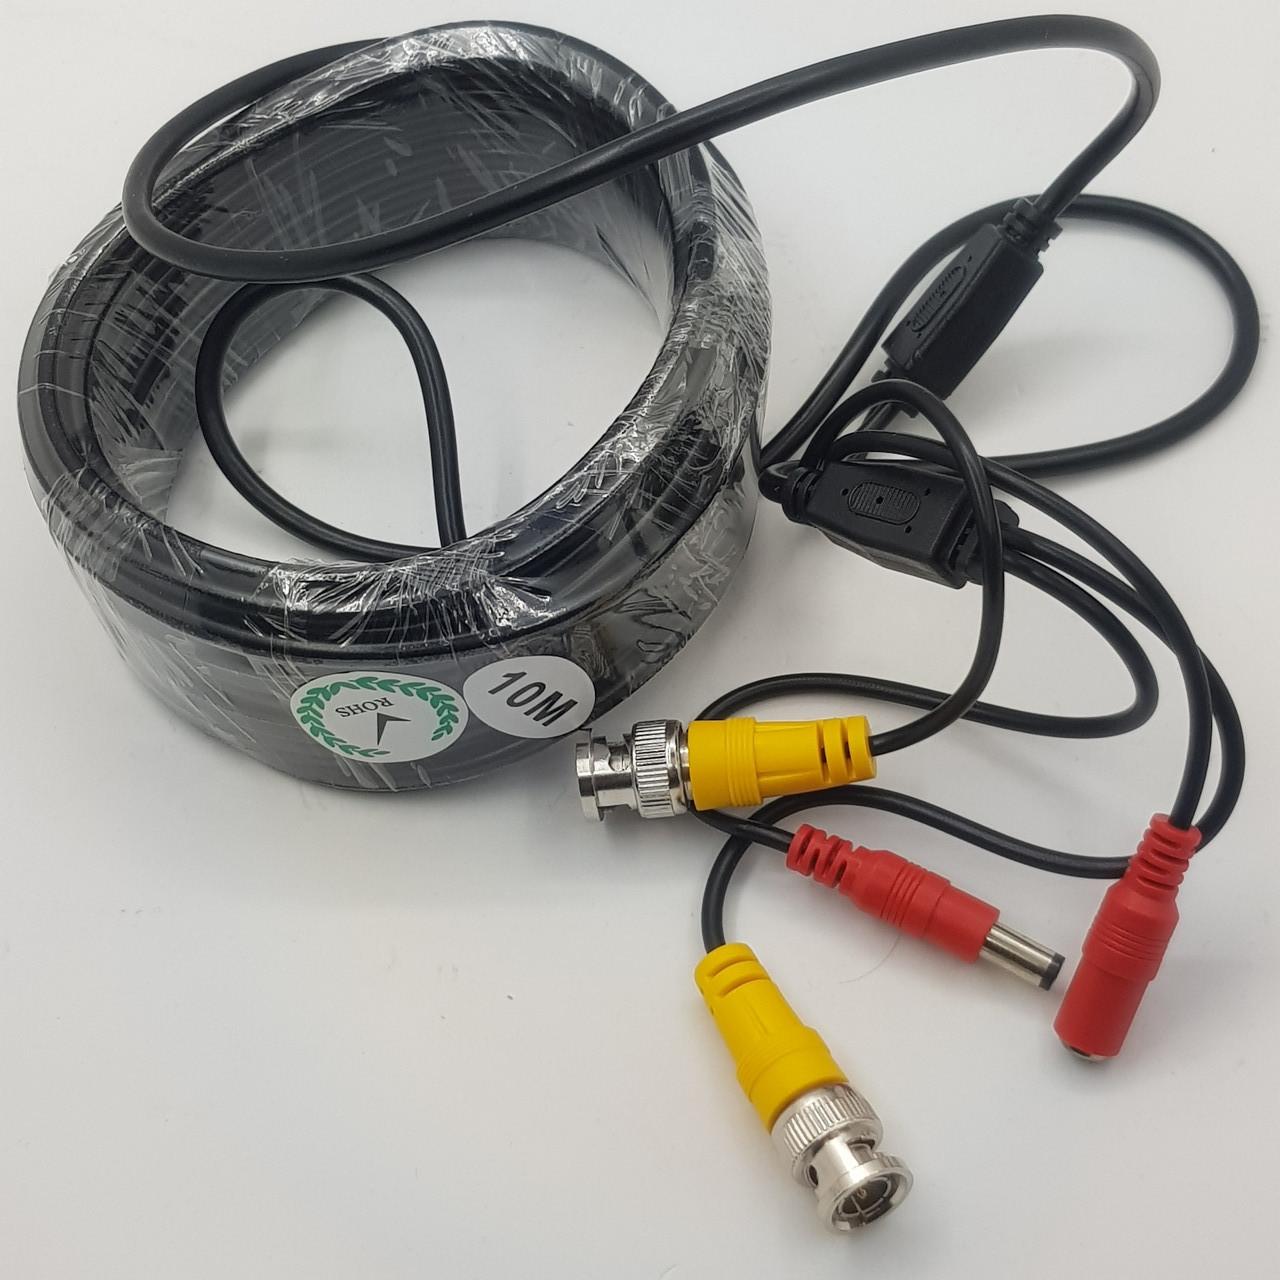 Кабель CCTV для видеонаблюдения видео и питания с разъёмами BNC+DC 10м